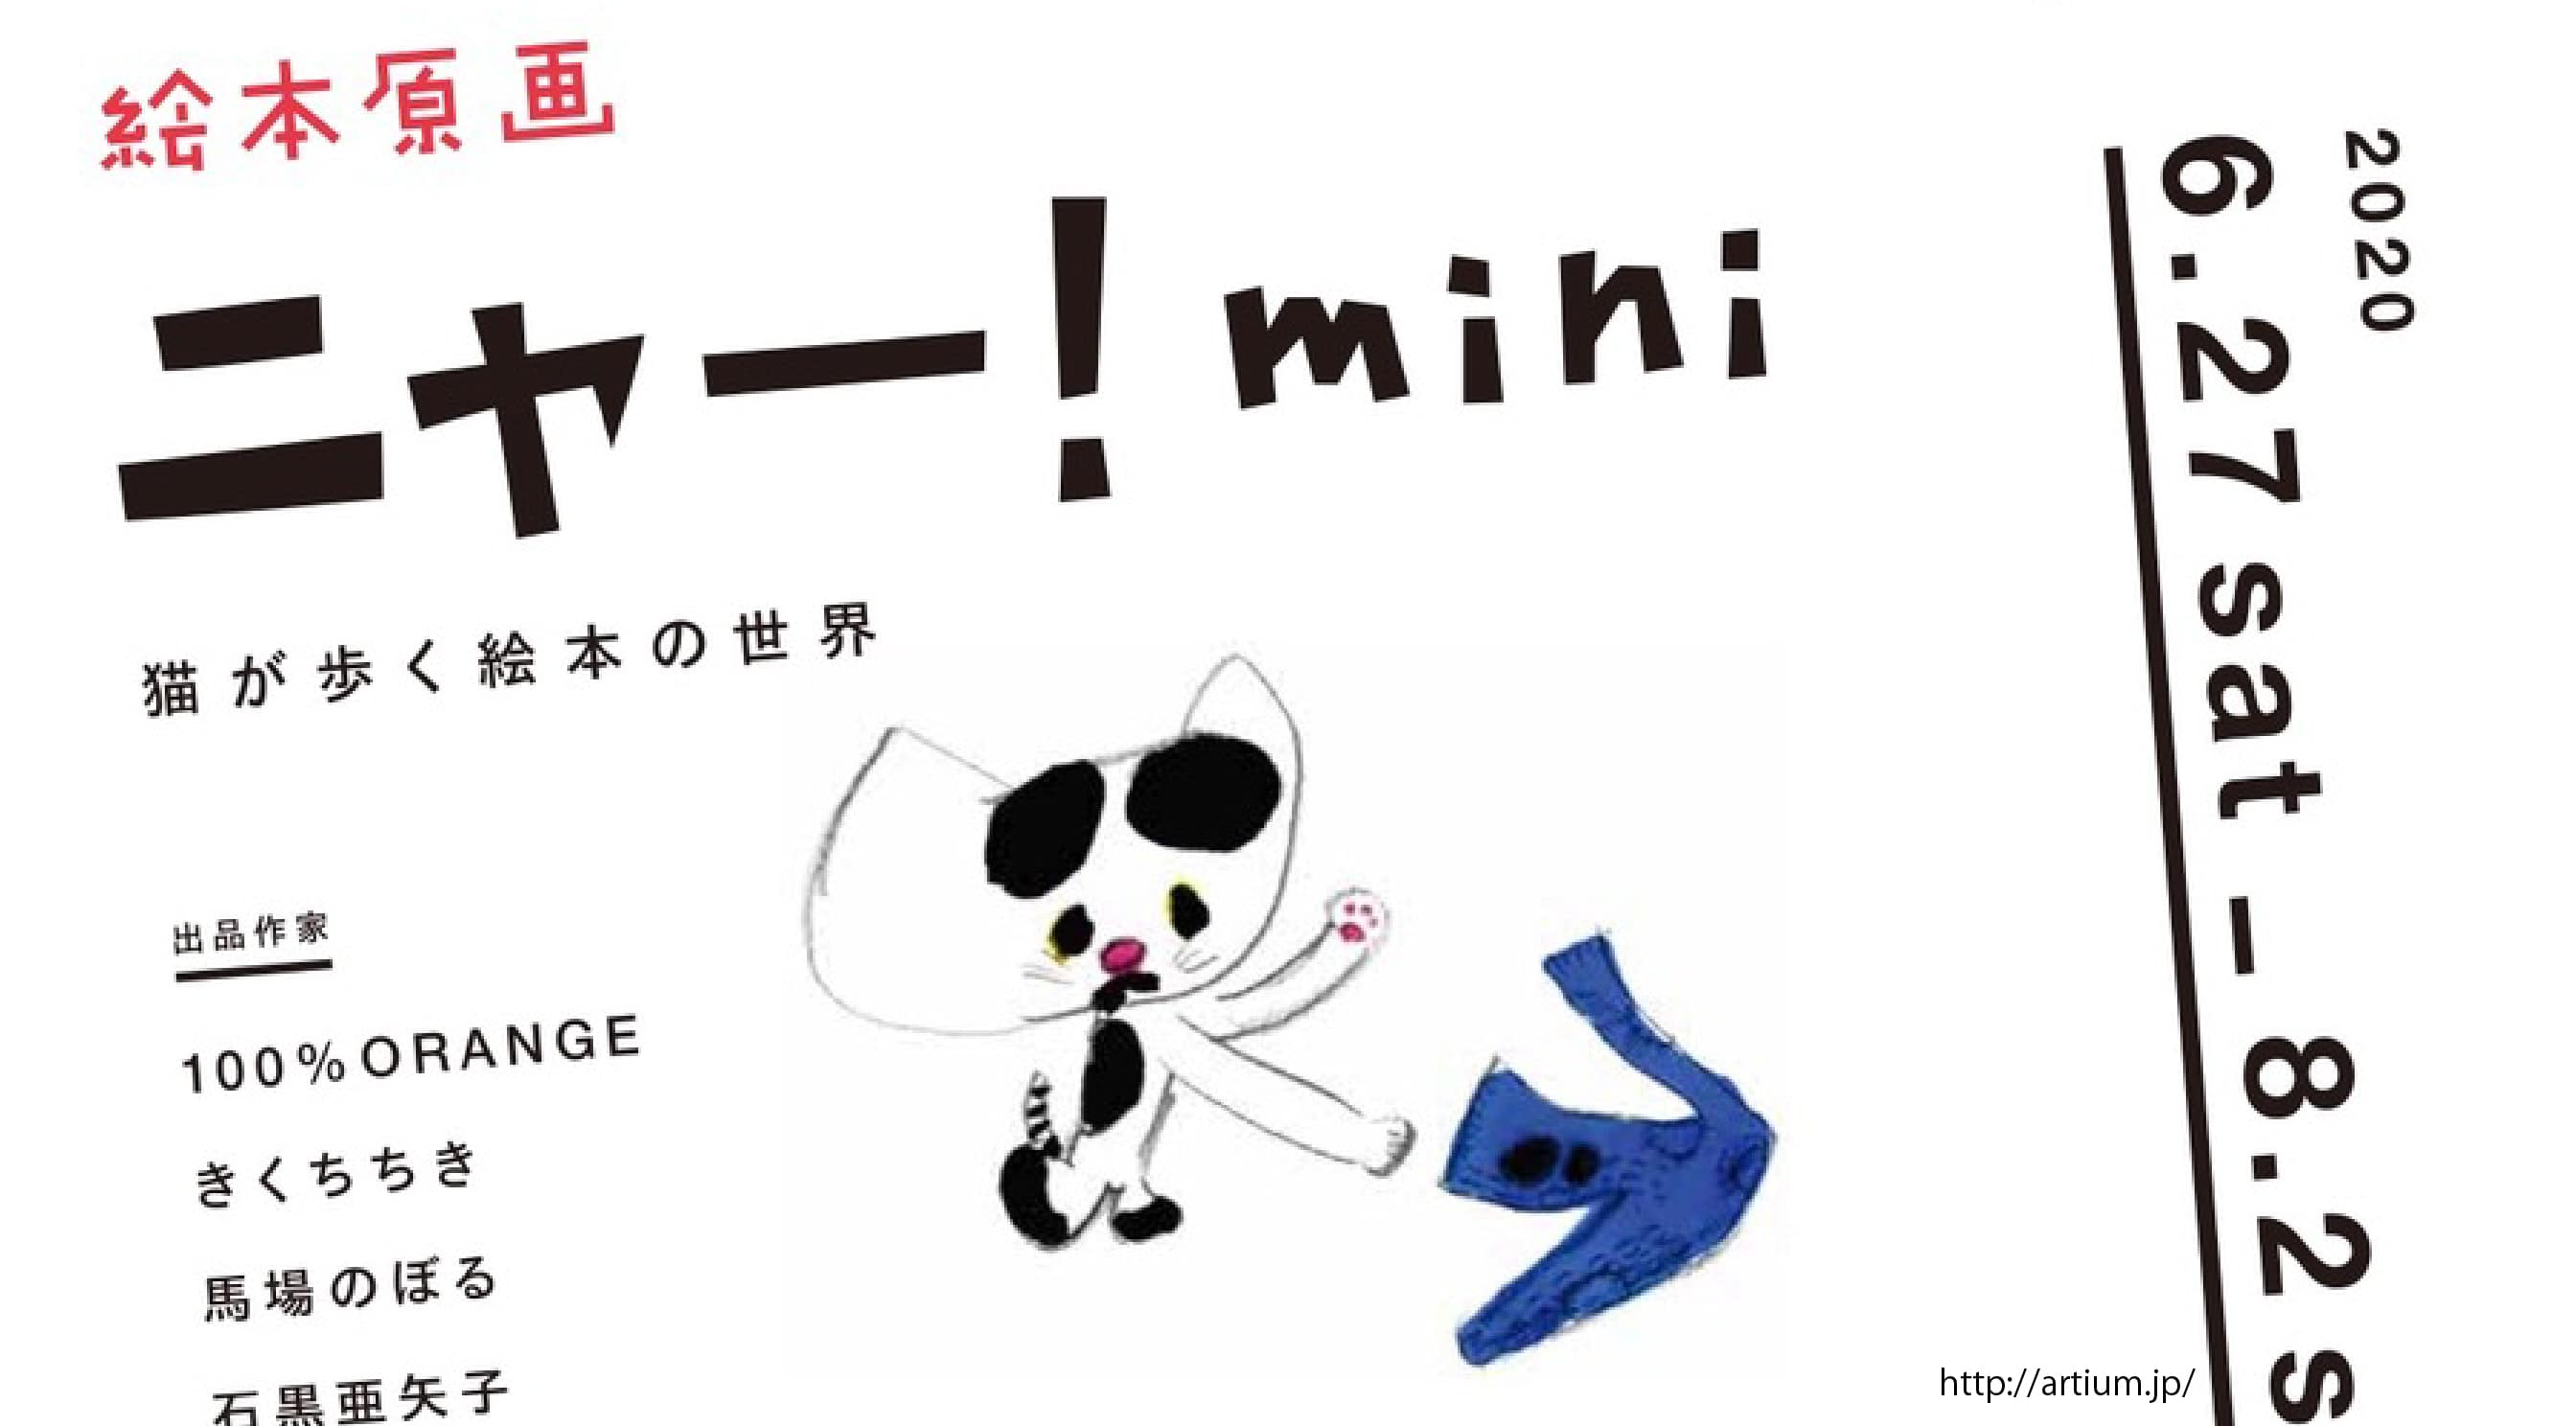 絵本原画ニャー!mini 猫が歩く絵本の世界